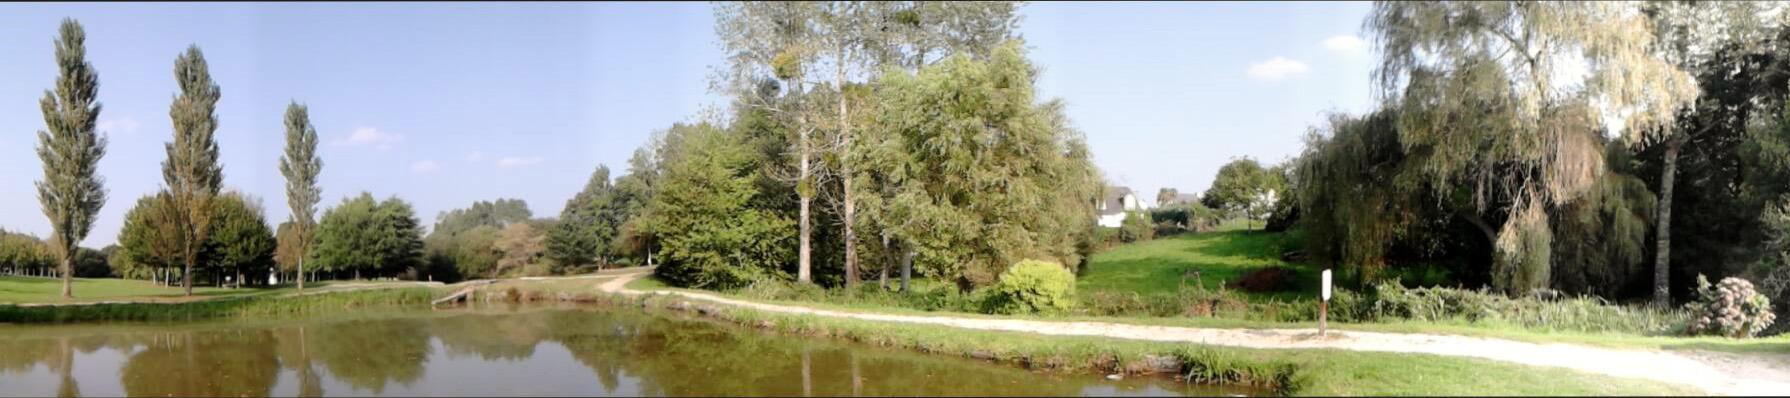 vintenat-oliver-paysage-pland-eau